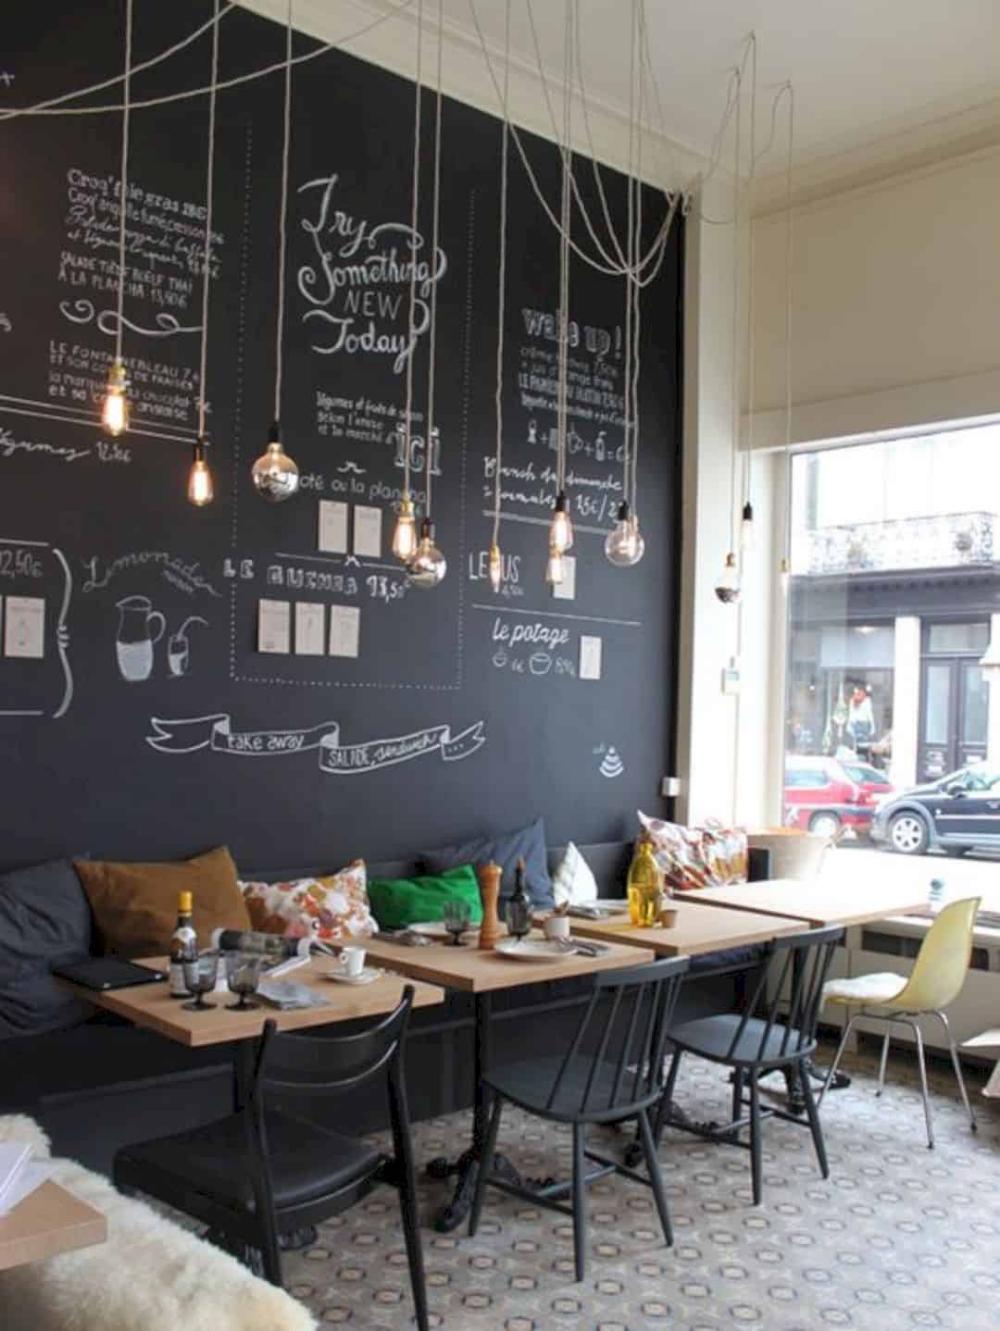 15 Cafe Shop Interior Design Ideas To Lure Customers Coffee Shop Interior Design Cafe Interior Design Coffee Shops Interior